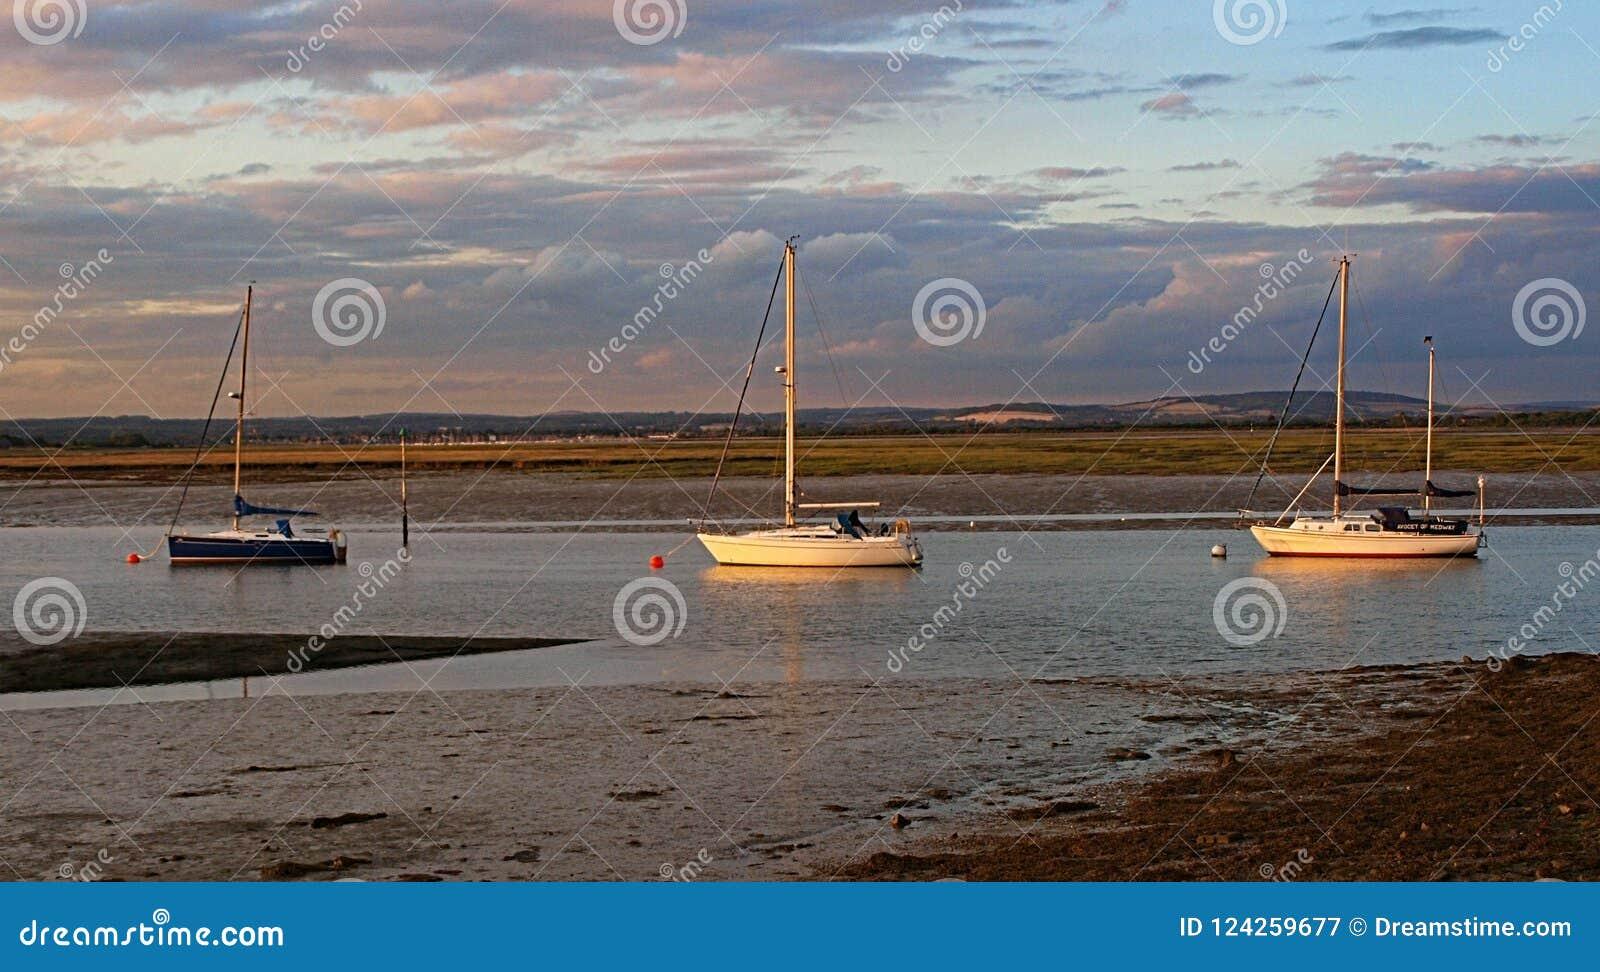 3 yachts imprisioned en eaux peu profondes comme ils attendent patiemment la prochaine marée haute